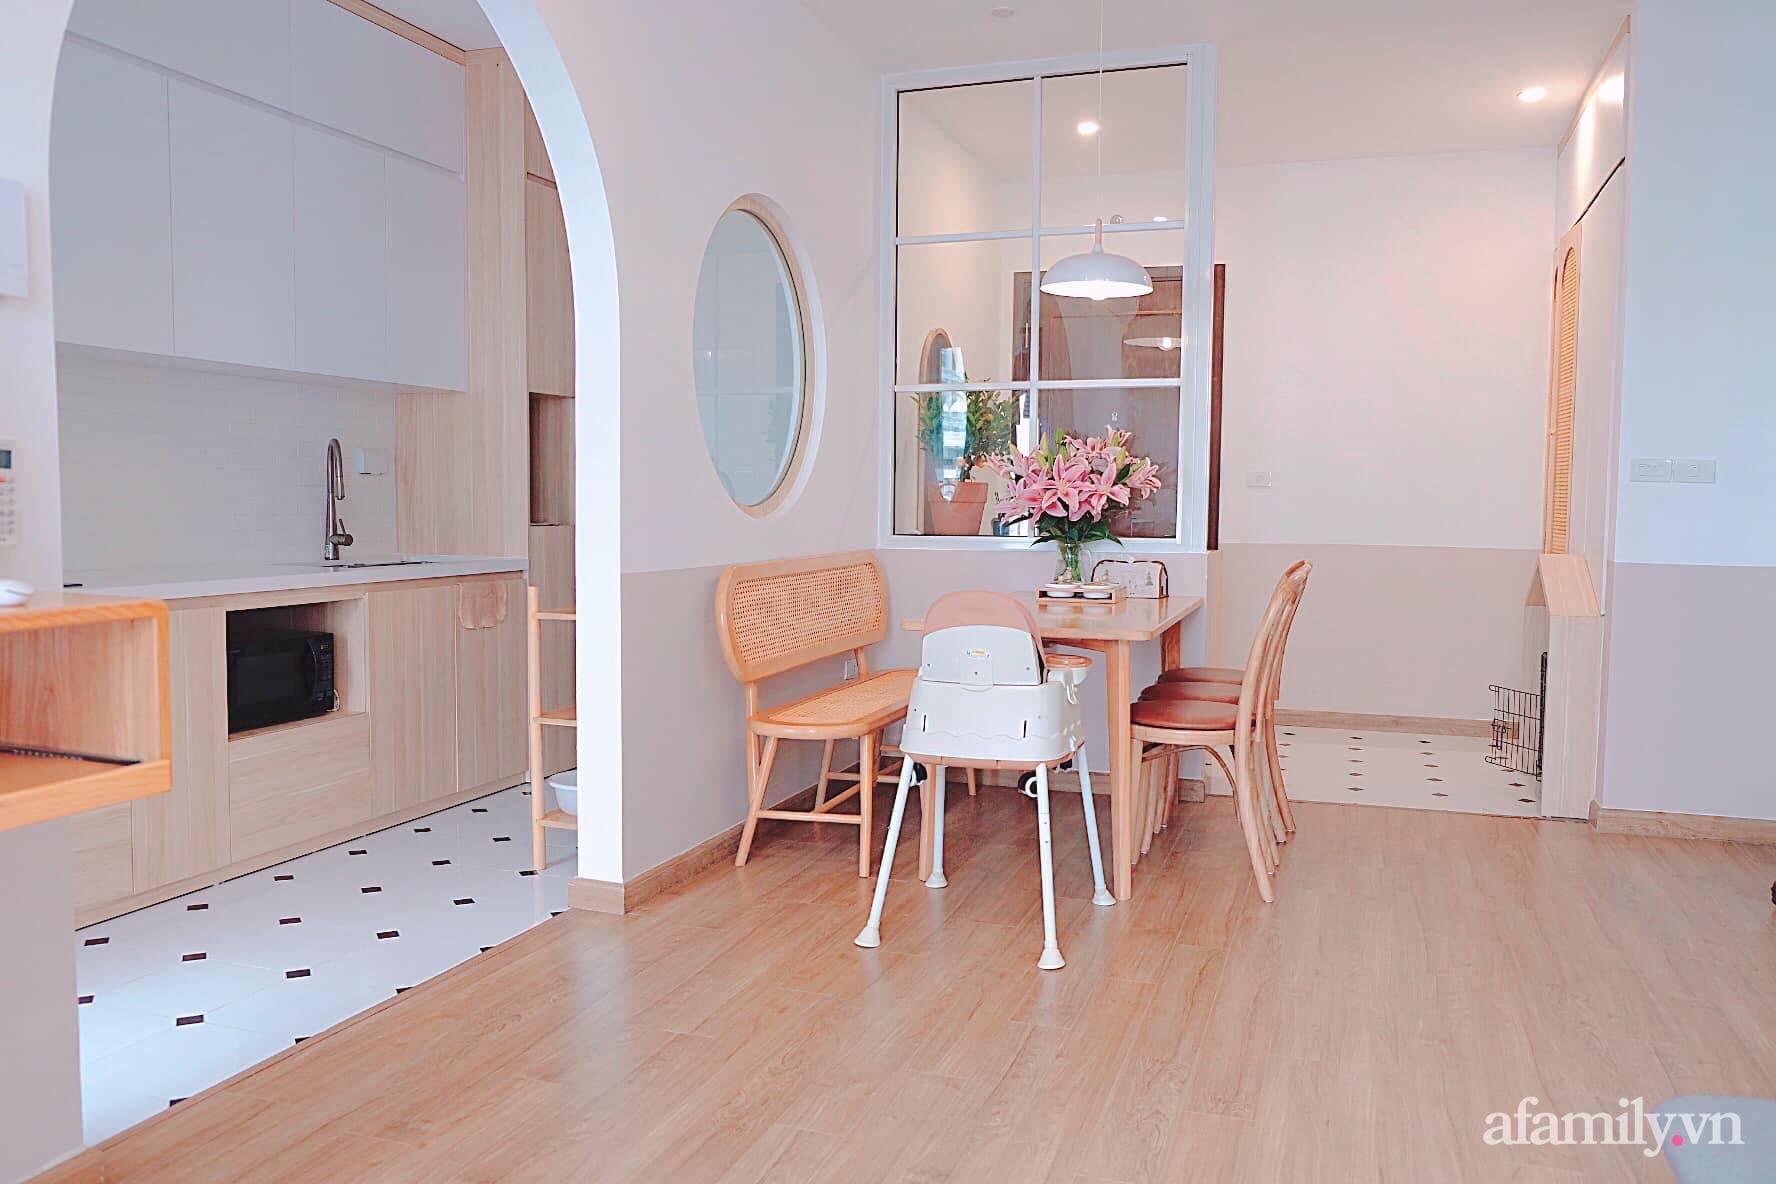 Căn hộ 78m² đẹp tinh tế và tiện dụng với phong cách tối giản của cặp vợ chồng trẻ ở Hà Nội - Ảnh 6.